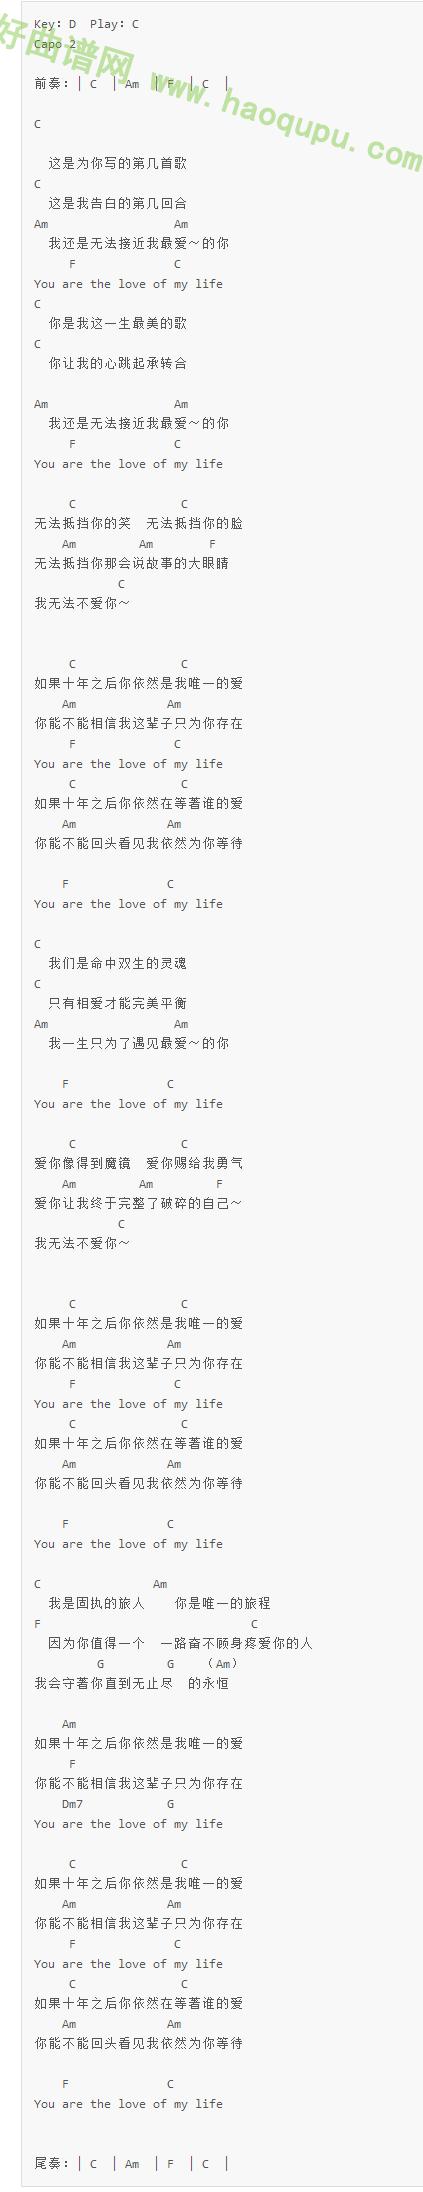 《我无法不爱你》(MP魔幻力量)吉他谱第1张